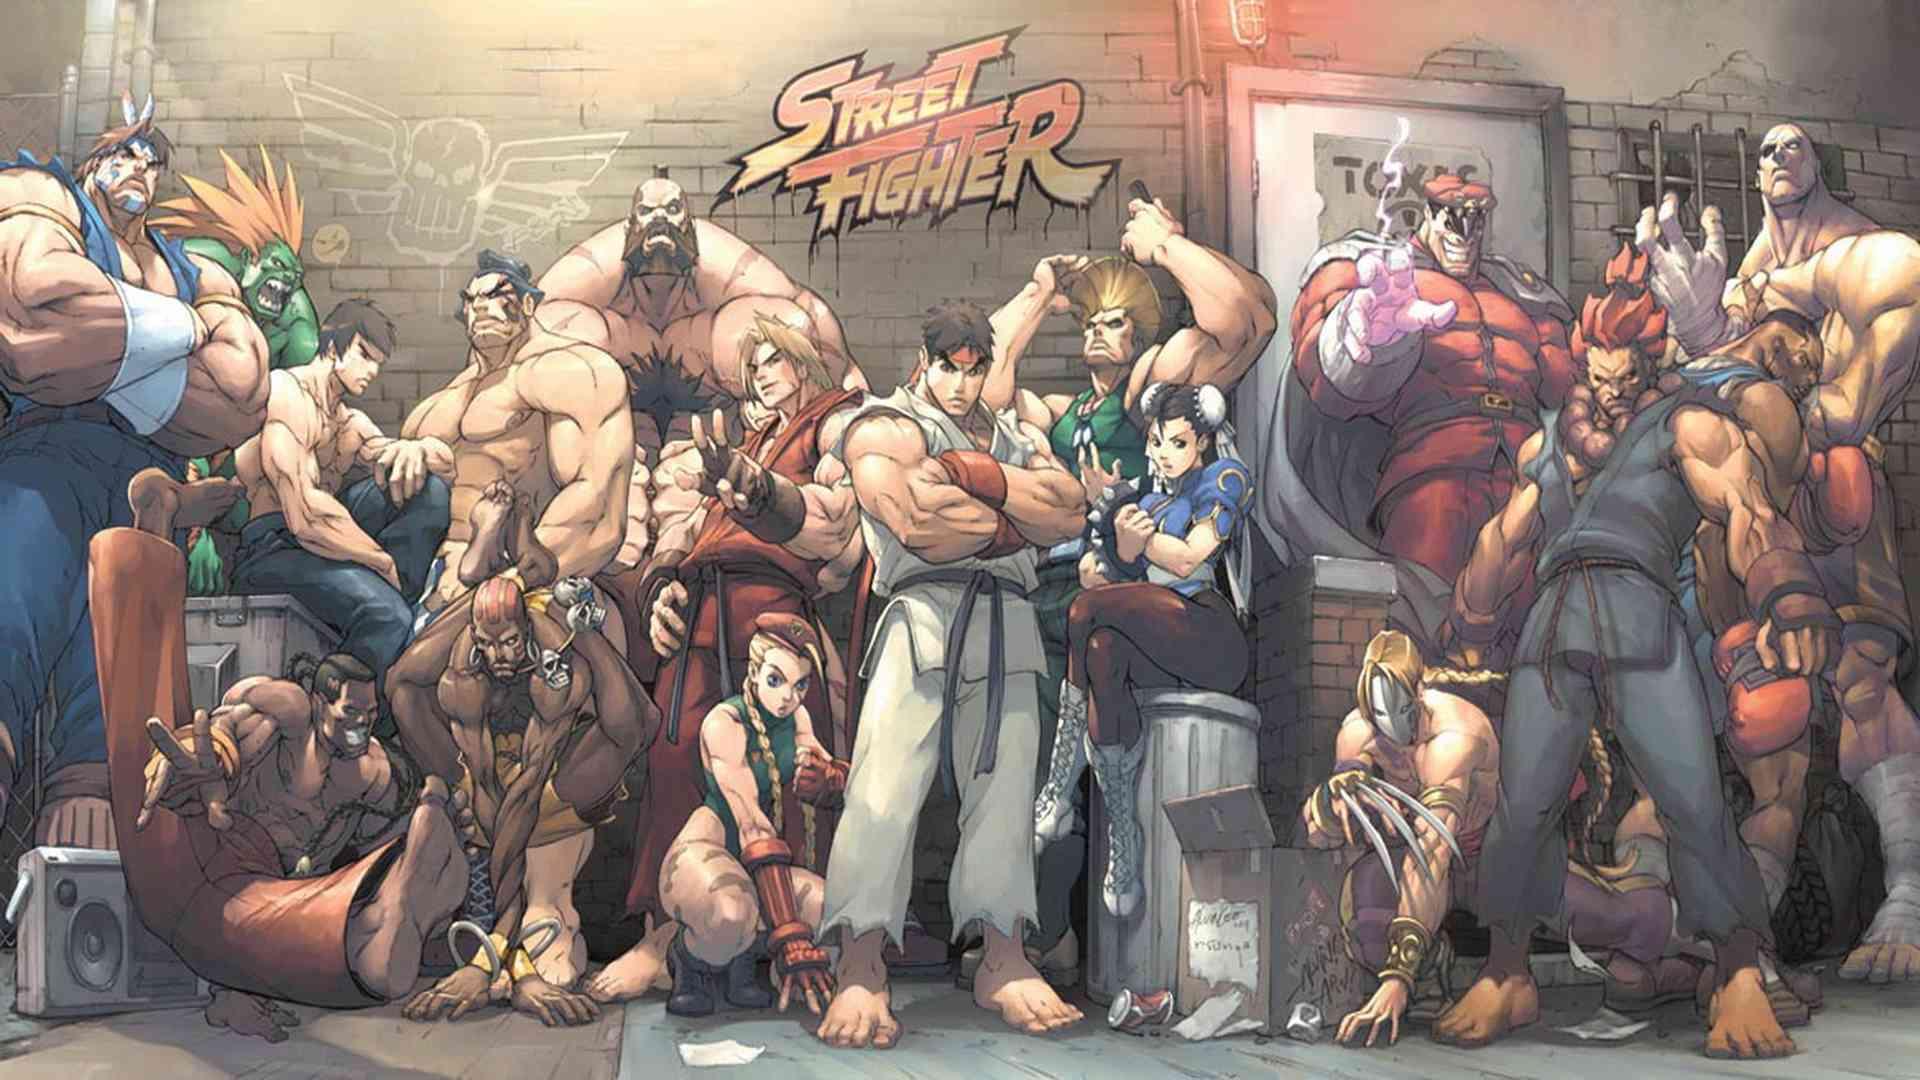 [OFF-TOPIC]Street Fighter   Nova série de TV baseada no jogo The World Warrior está em desenvolvimento Street-Fighter-Wallpapers